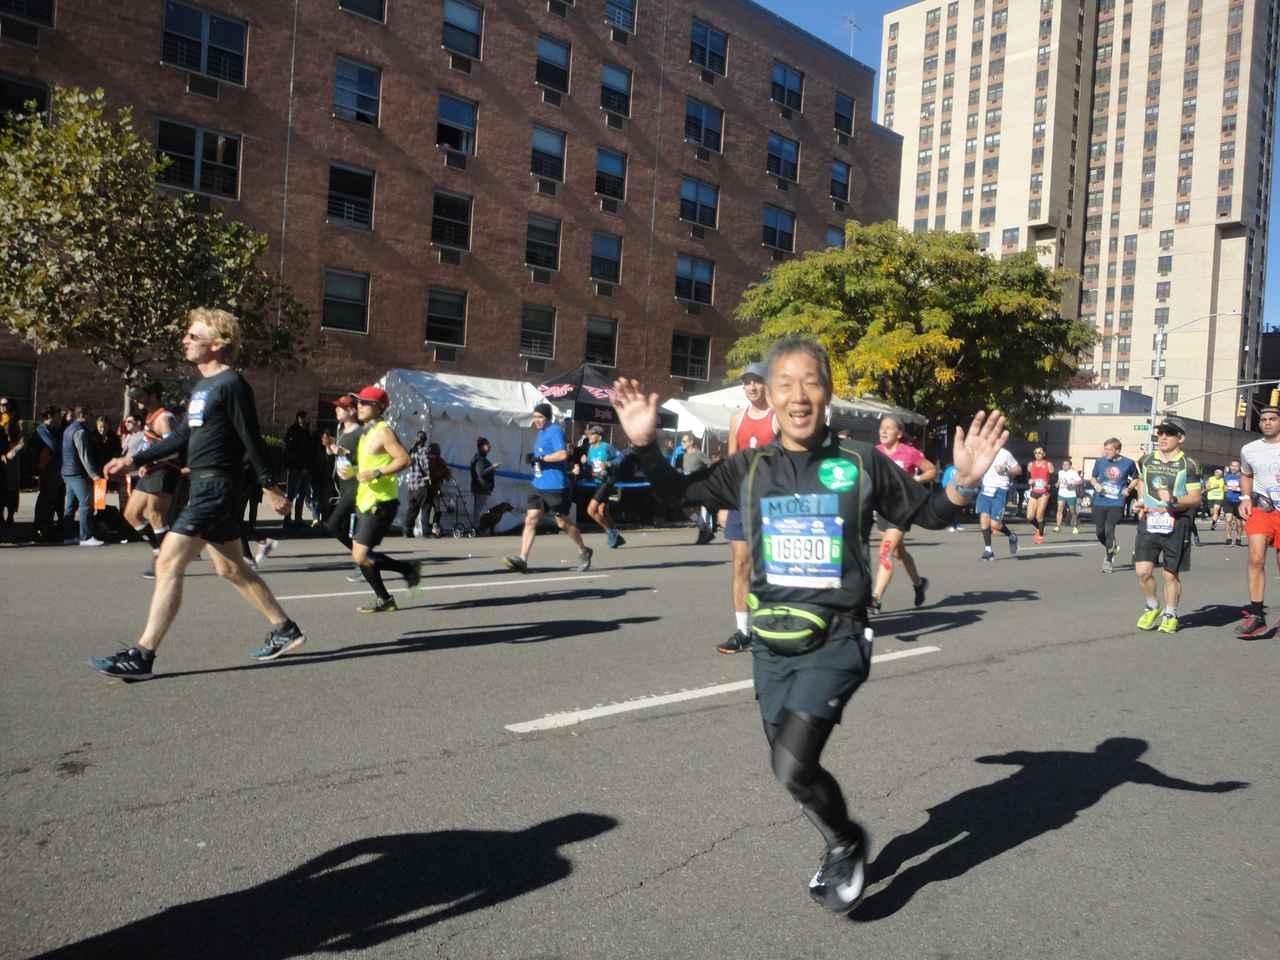 画像19: 2018年のニューヨークシティマラソンは11月4日(日)に開催となりました。 ツアーは50名様以上にご参加いただき、無事、全員完走!